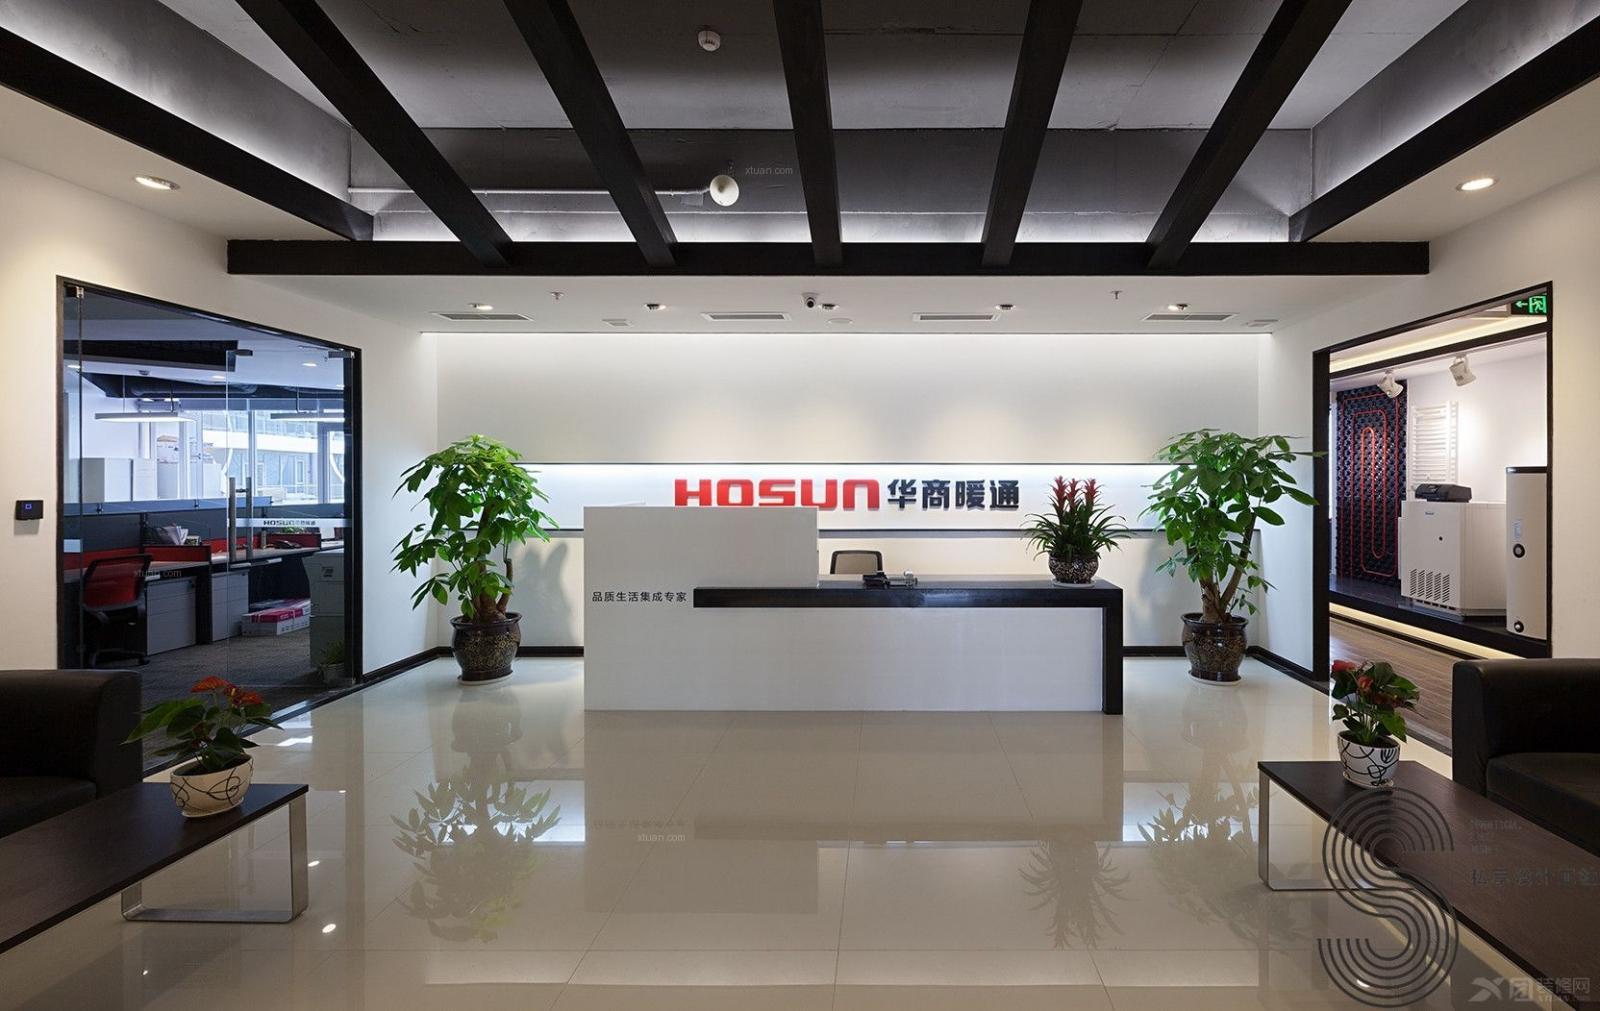 成都私享高端办公室设计—华商暖通环球中心总部办公室装修效果图